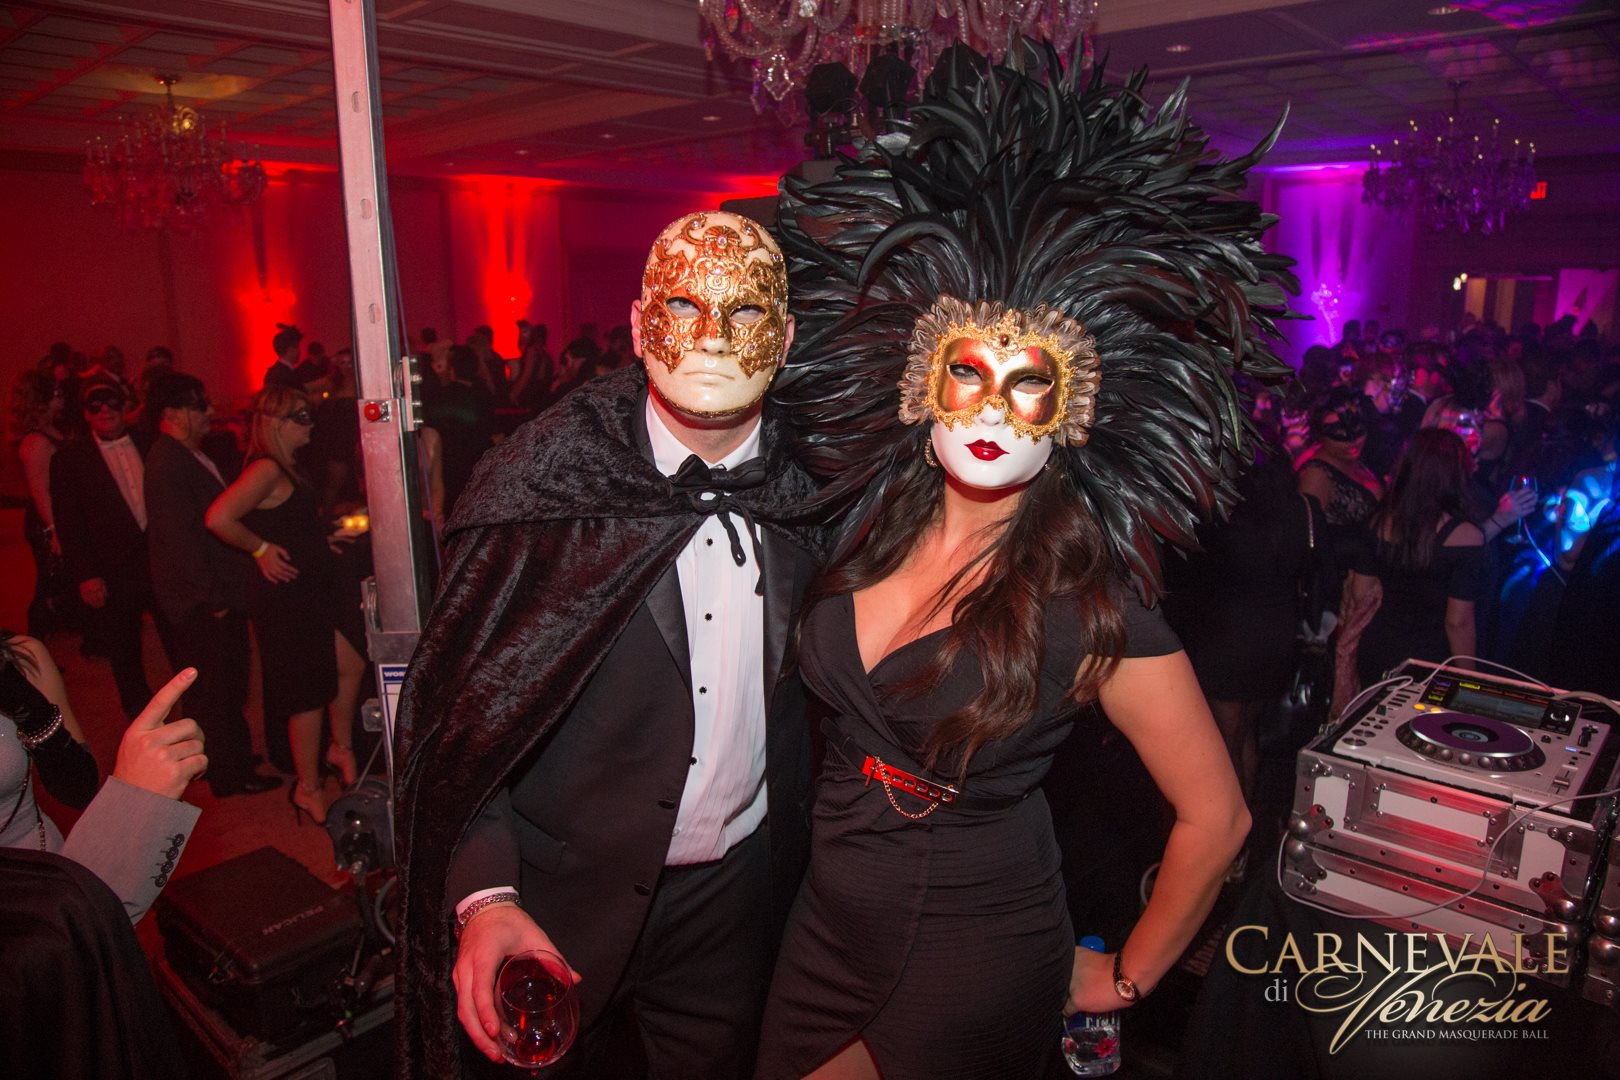 Halloween 2016 - Carnevale di Venezia - The Townsend Hotel ...